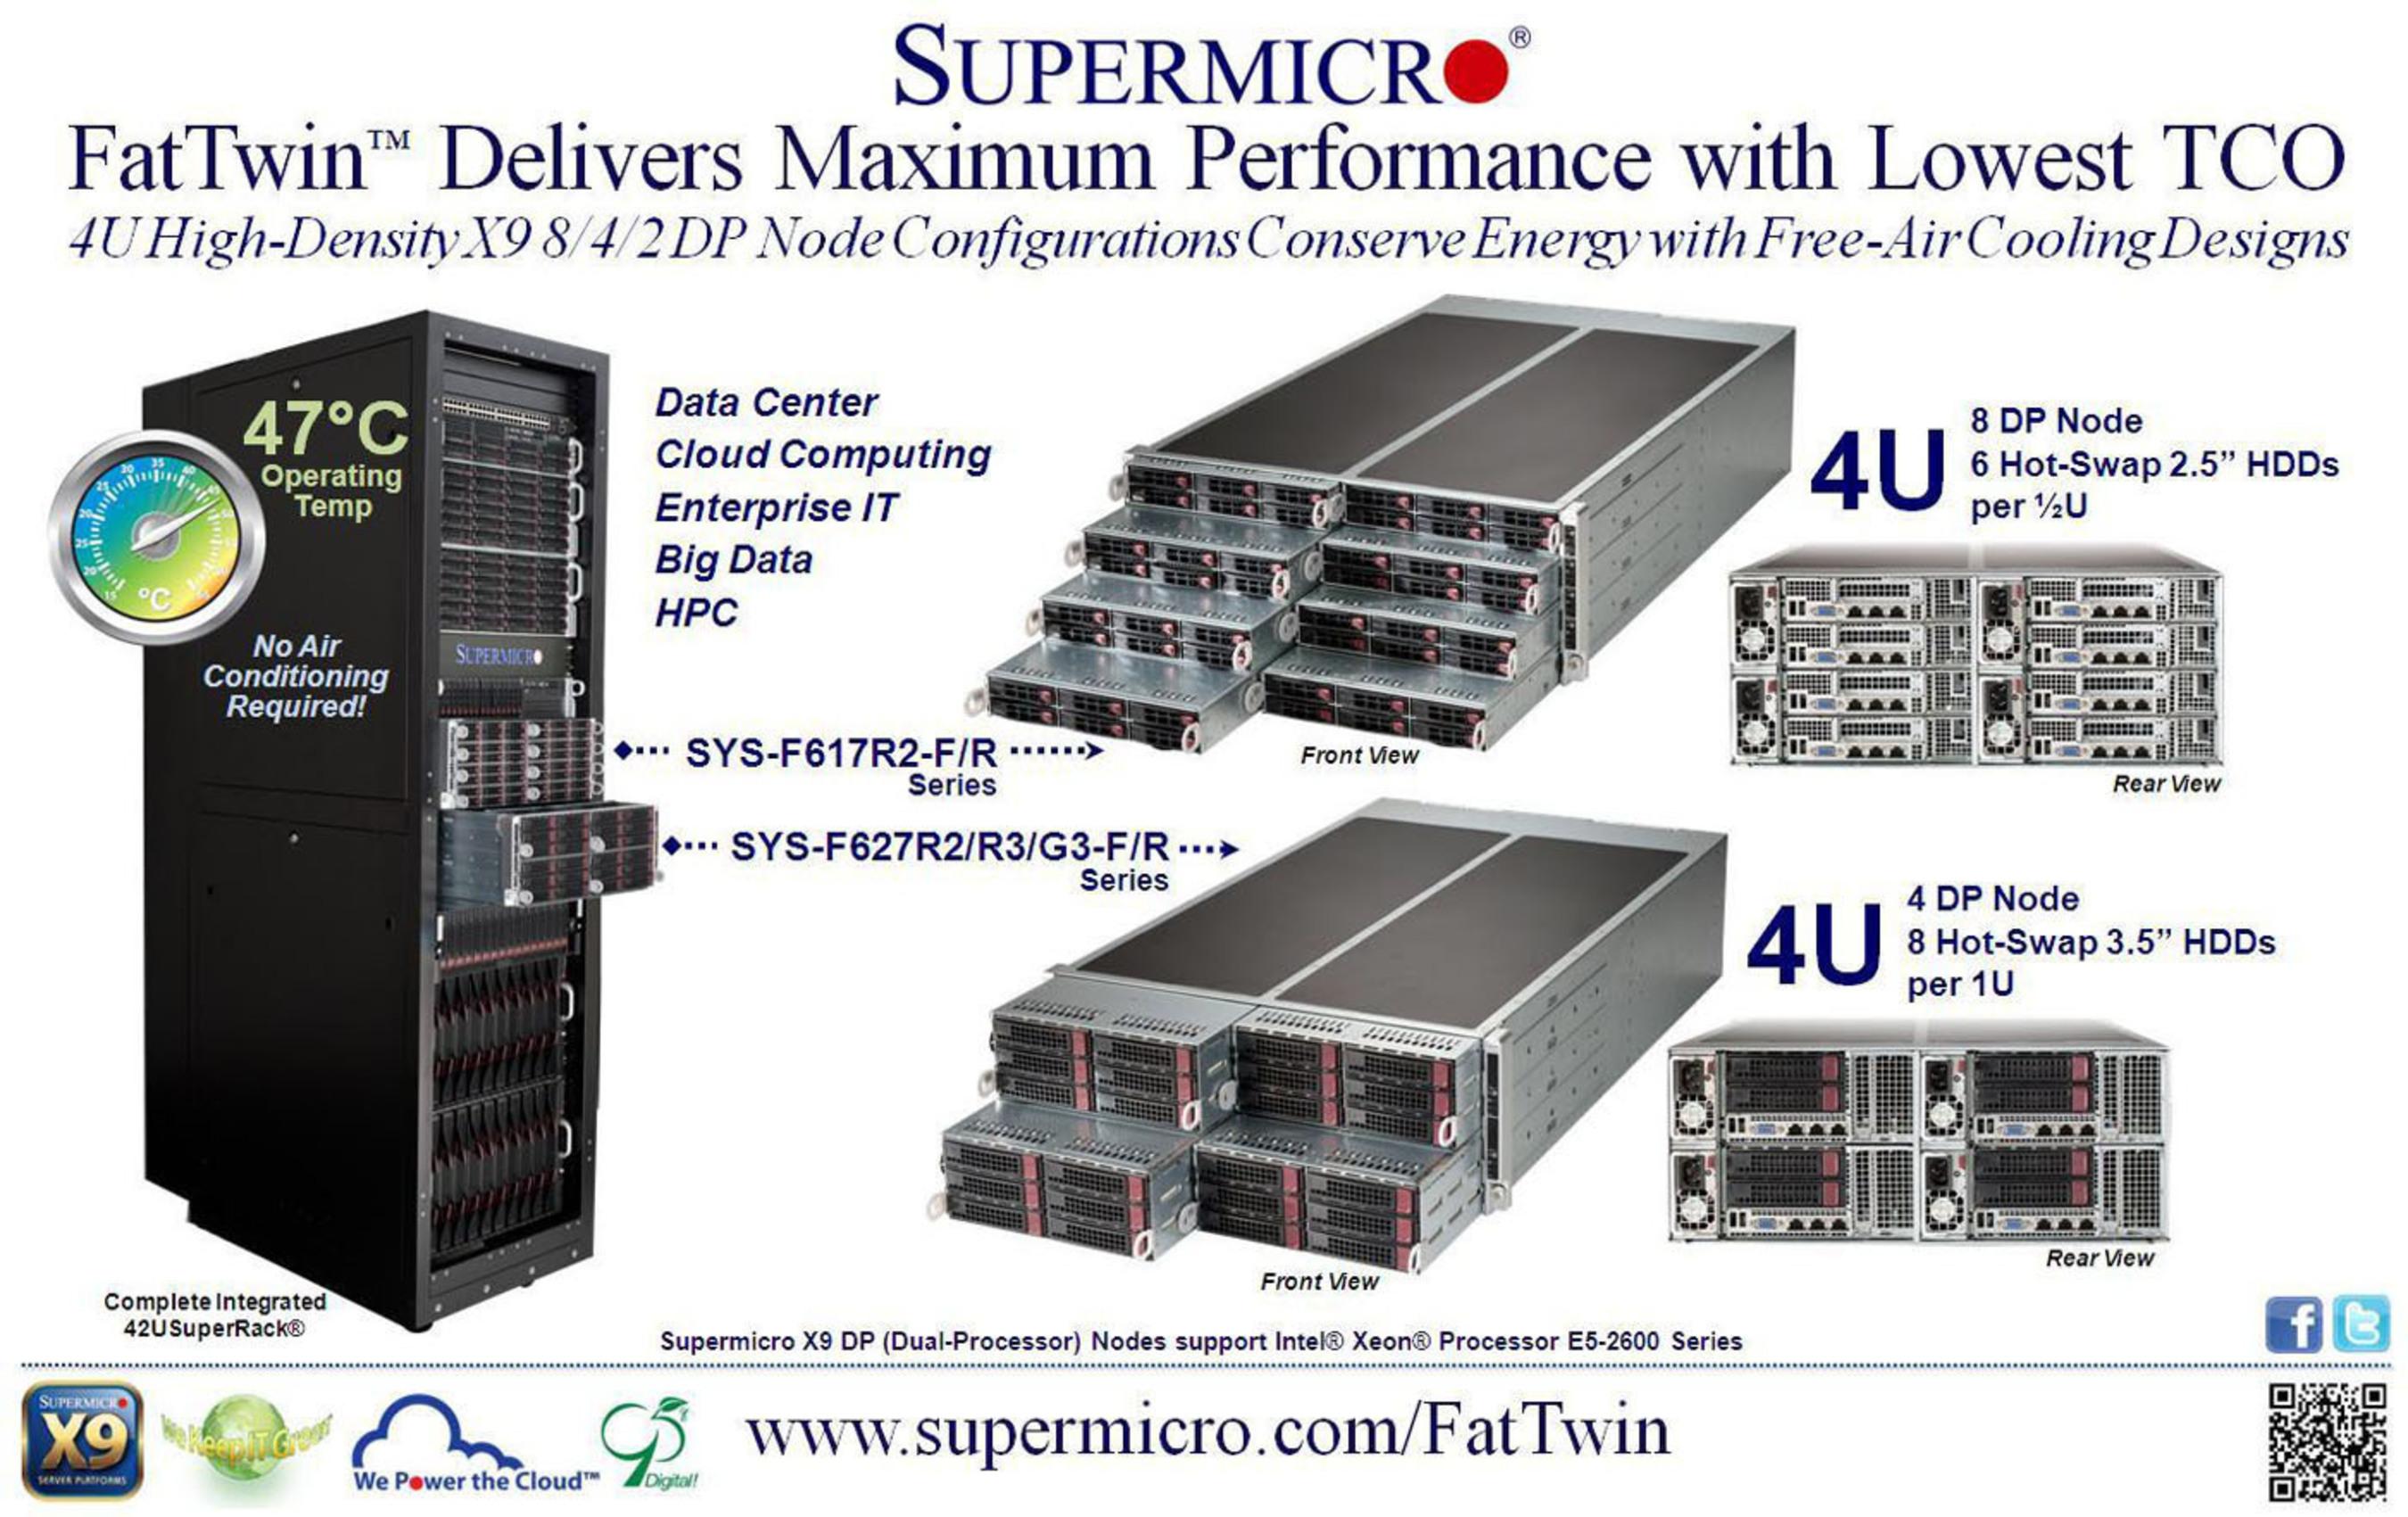 Supermicro(R) Launches FatTwin(TM) Architecture.  (PRNewsFoto/Super Micro Computer, Inc.)